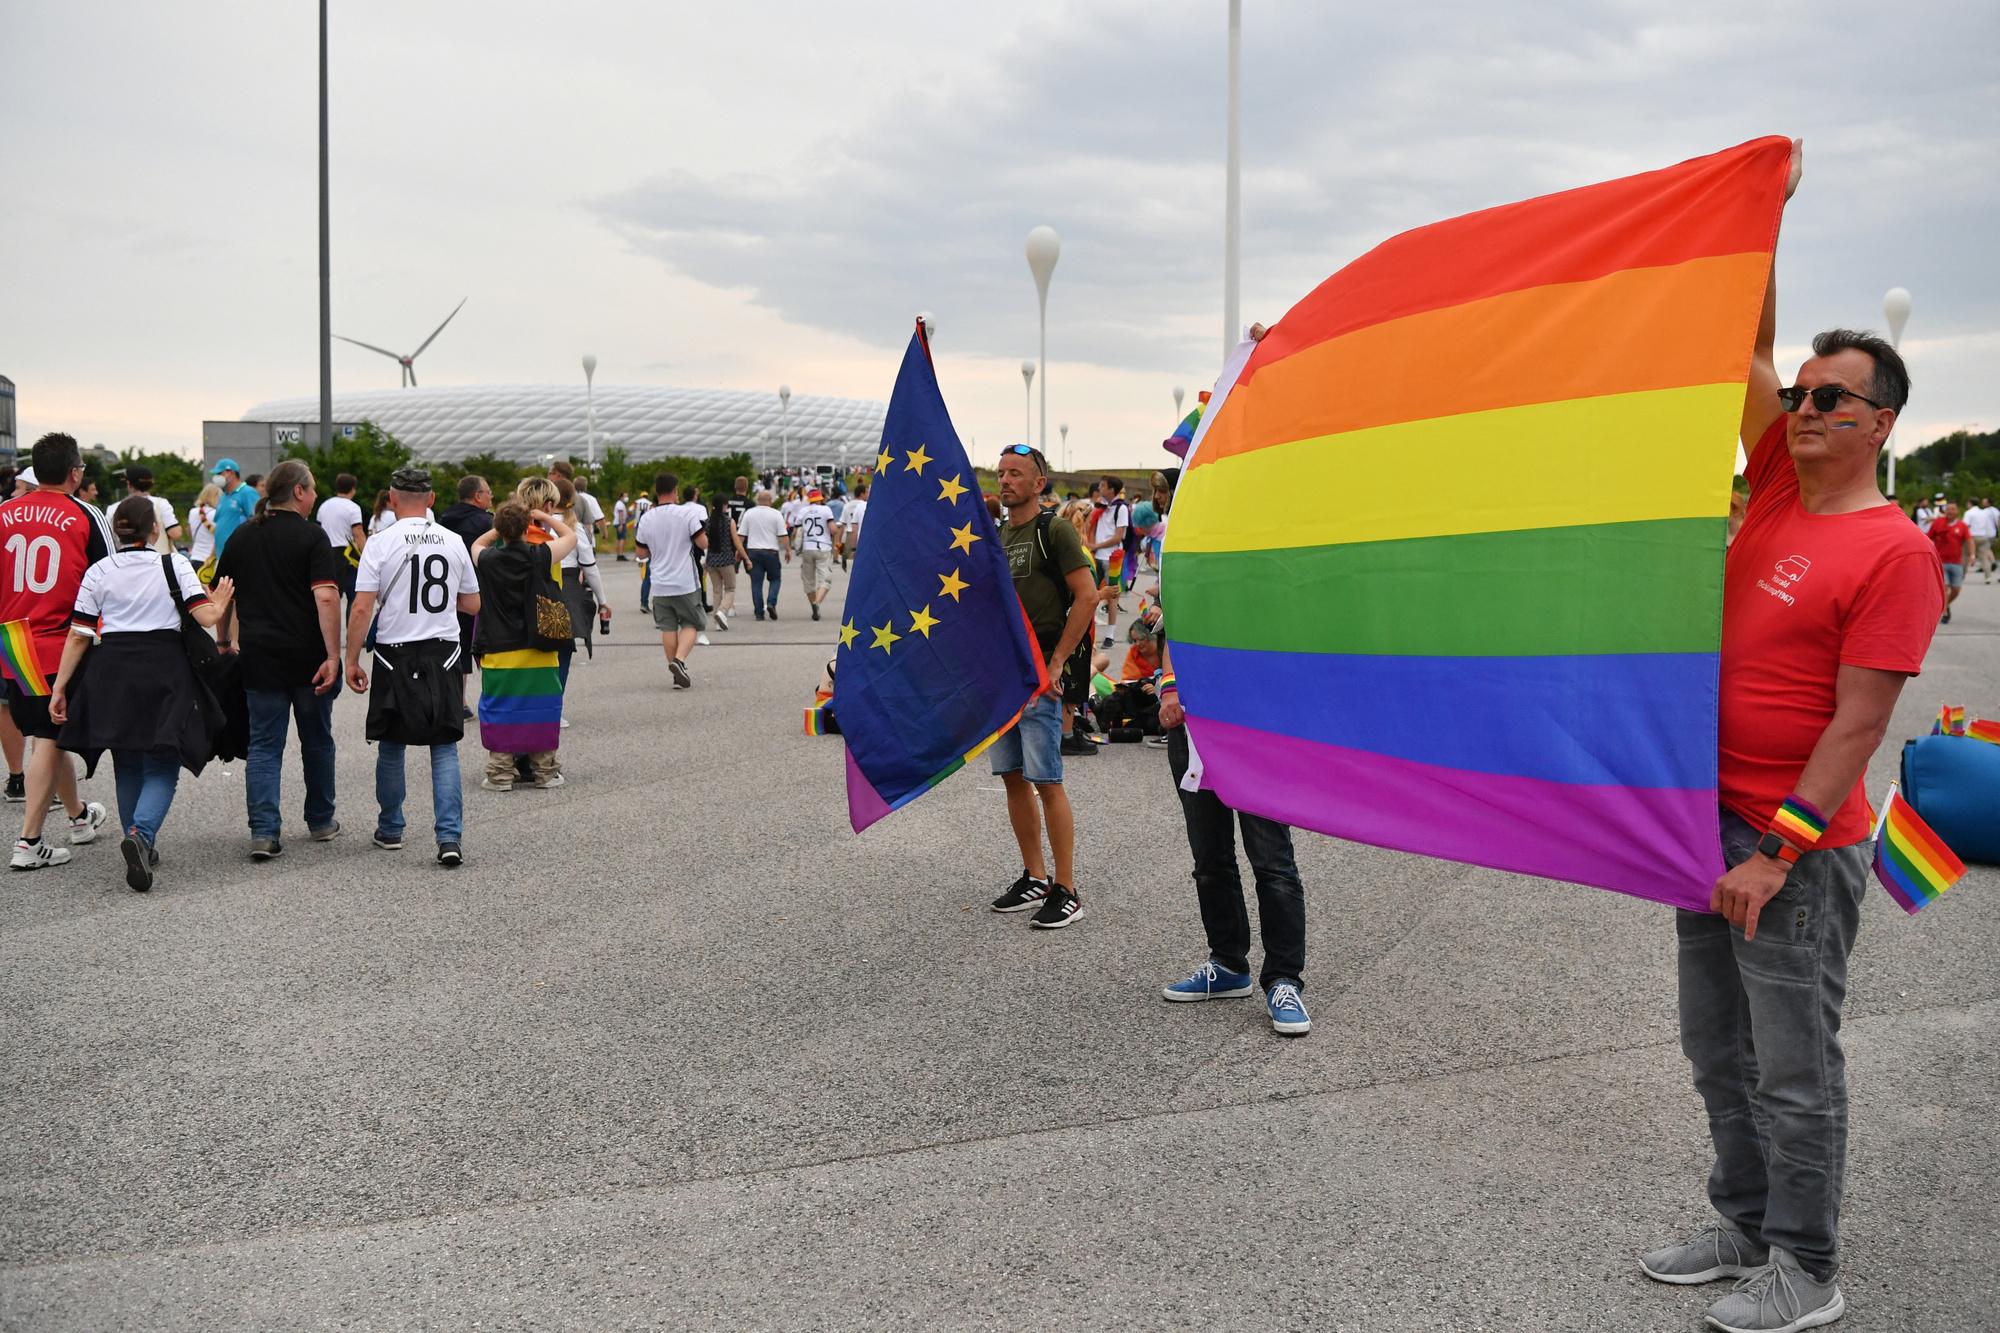 Des supporters de la cause LGBT devant le stade de Munich., BELGA